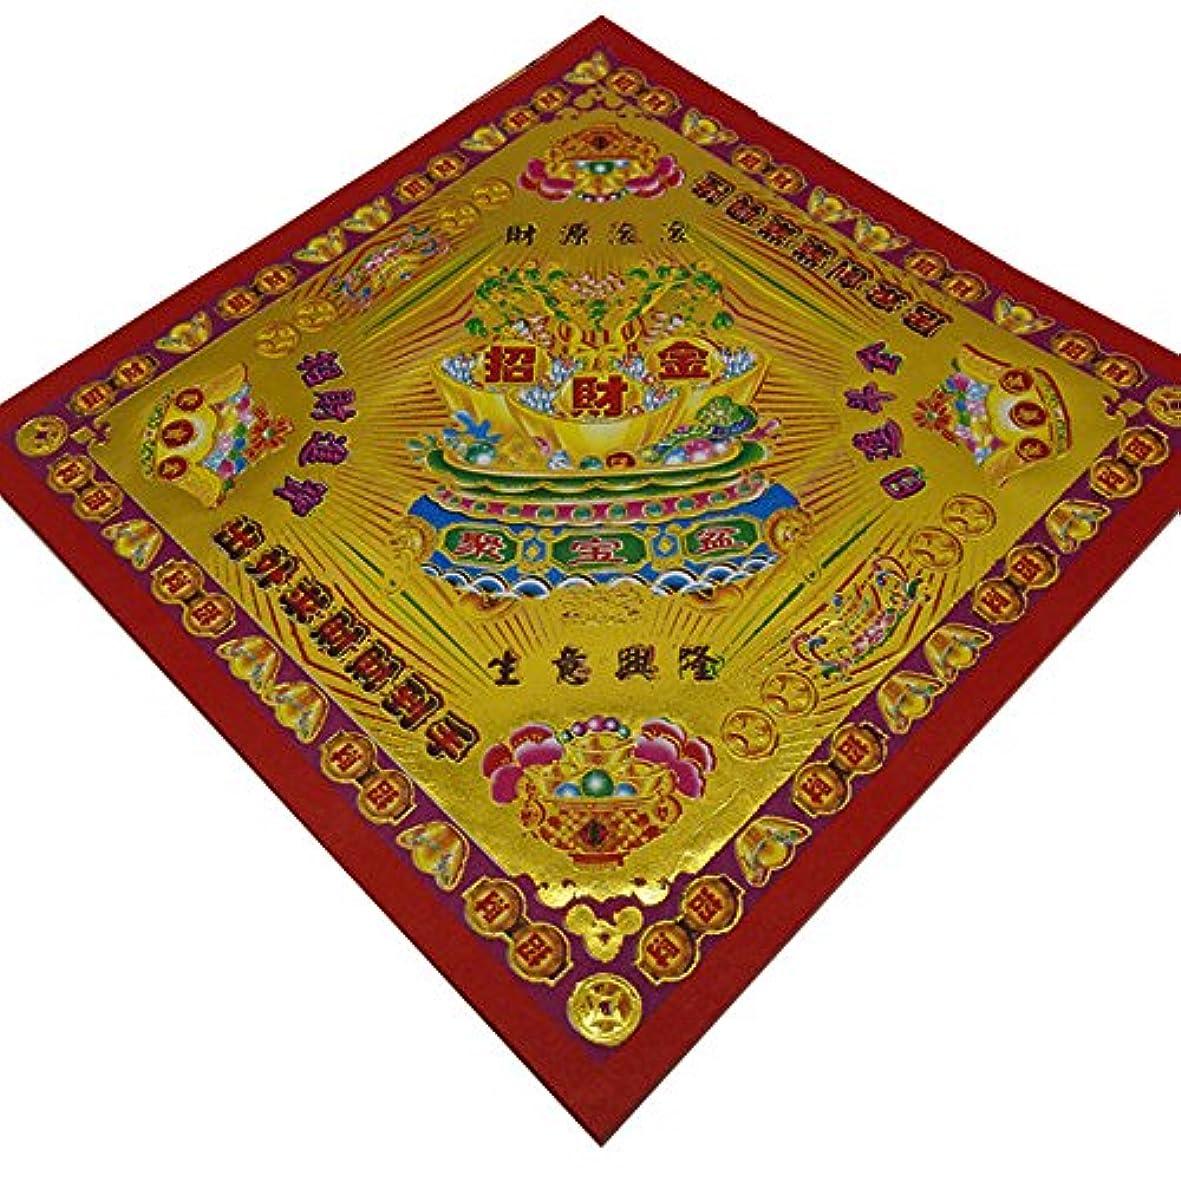 流行している二年生前提条件zeestar 40個Chinese Joss Incense用紙/Incense用紙 – For Ancestral Worship – zhaocaijin